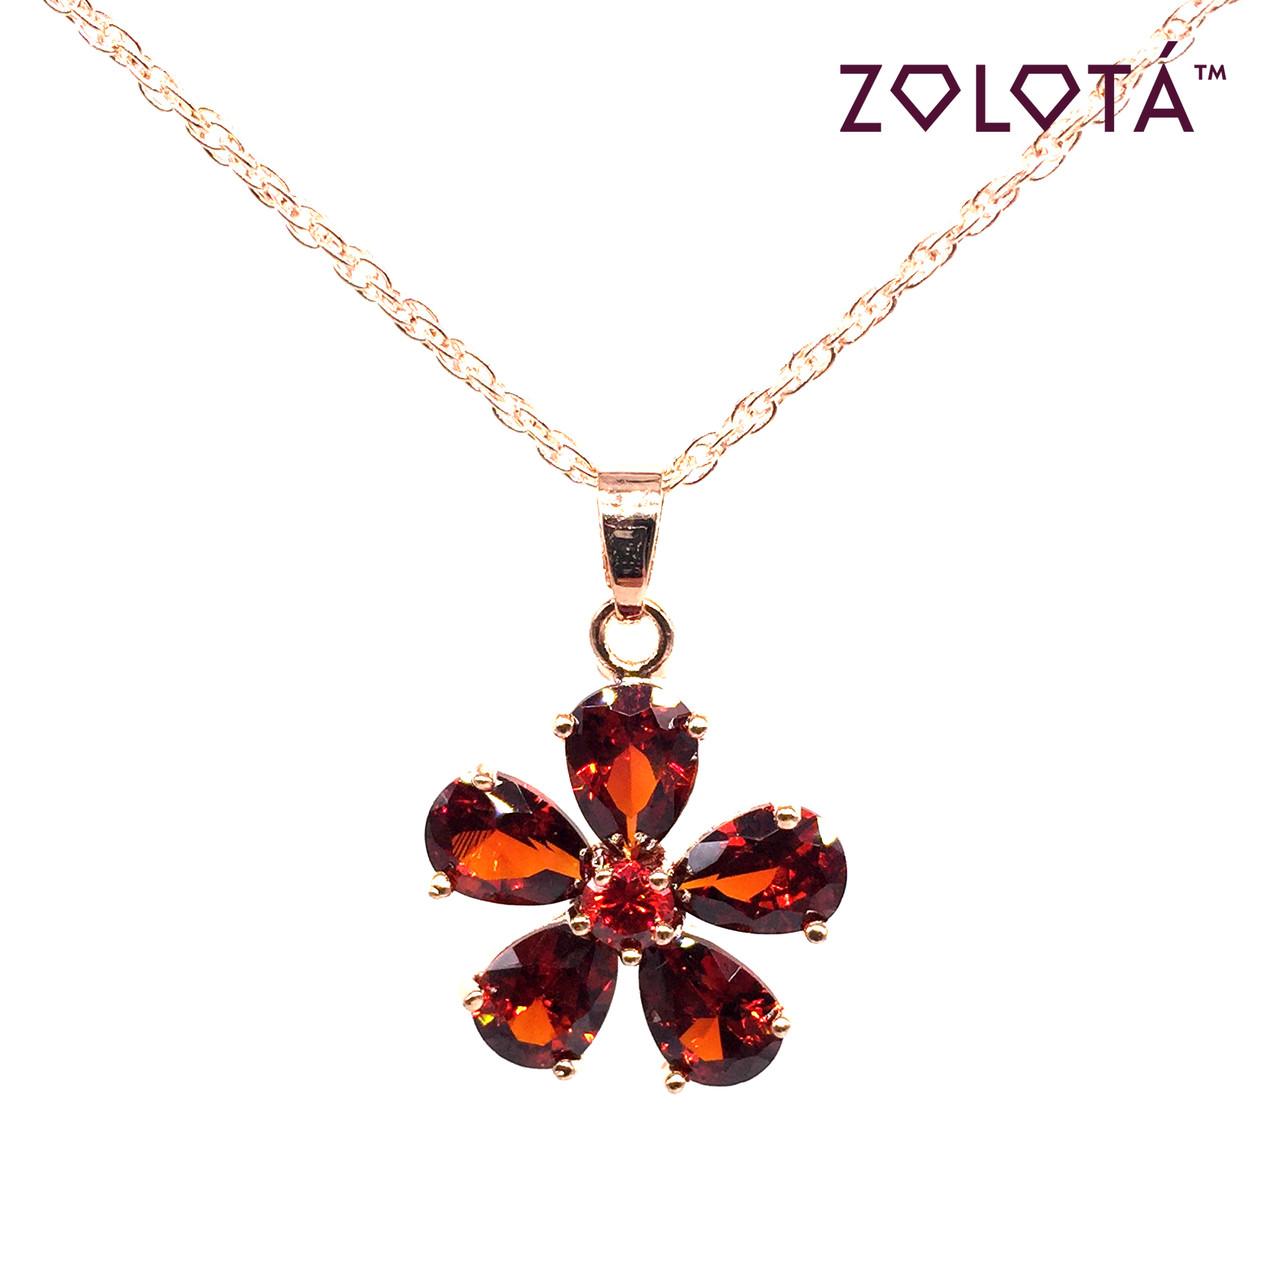 Підвіска на ланцюжку з темно-червоними фианитом (куб. цирконієм), з медичного золота, в позолоті, ЗЛ00257 (1)